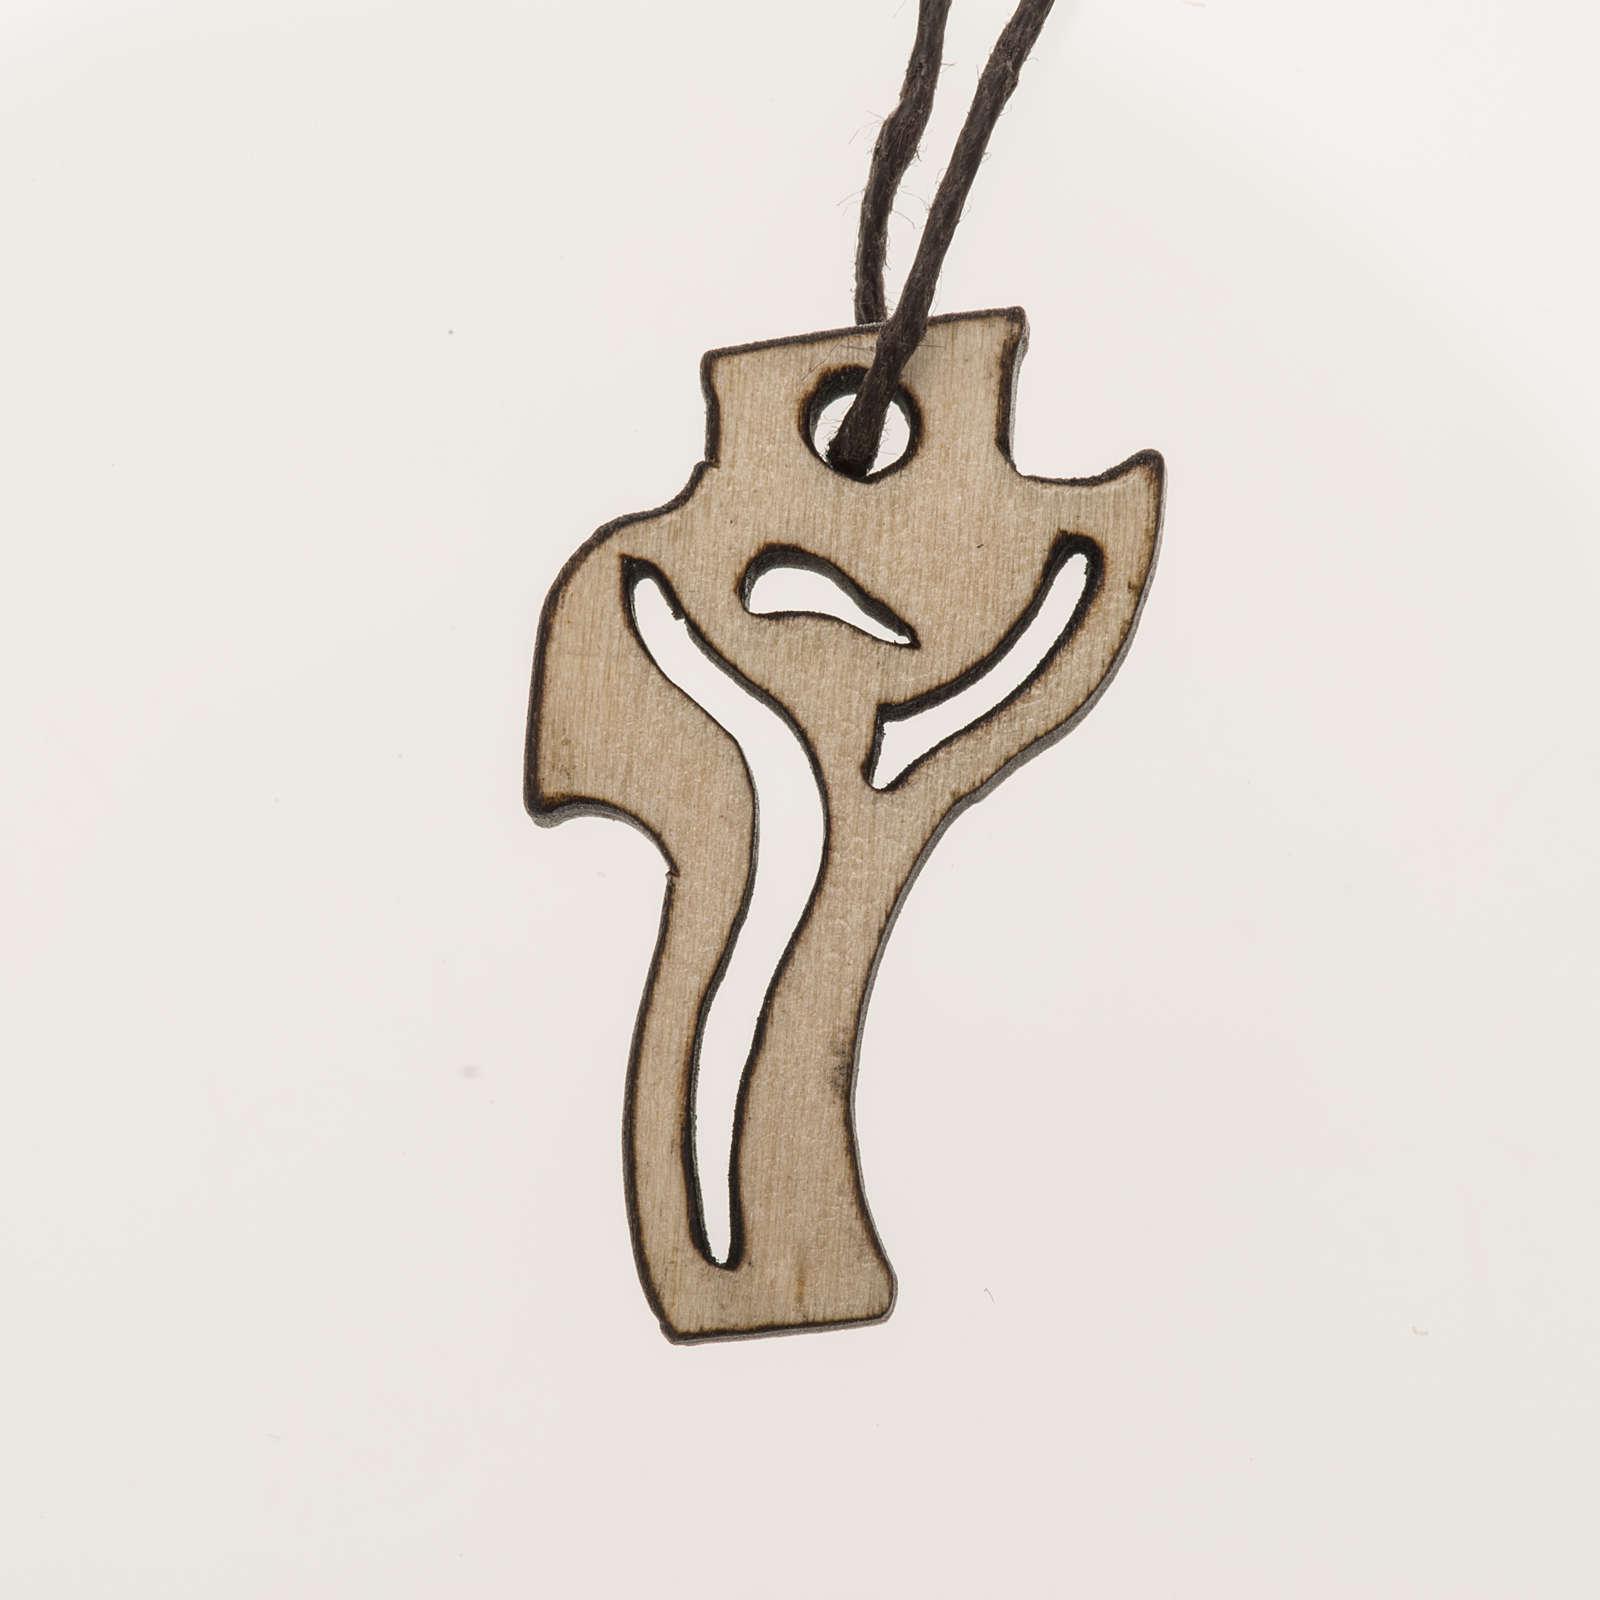 Croce Prima Comunione Risorto legno chiaro 3,6x2 cm 4